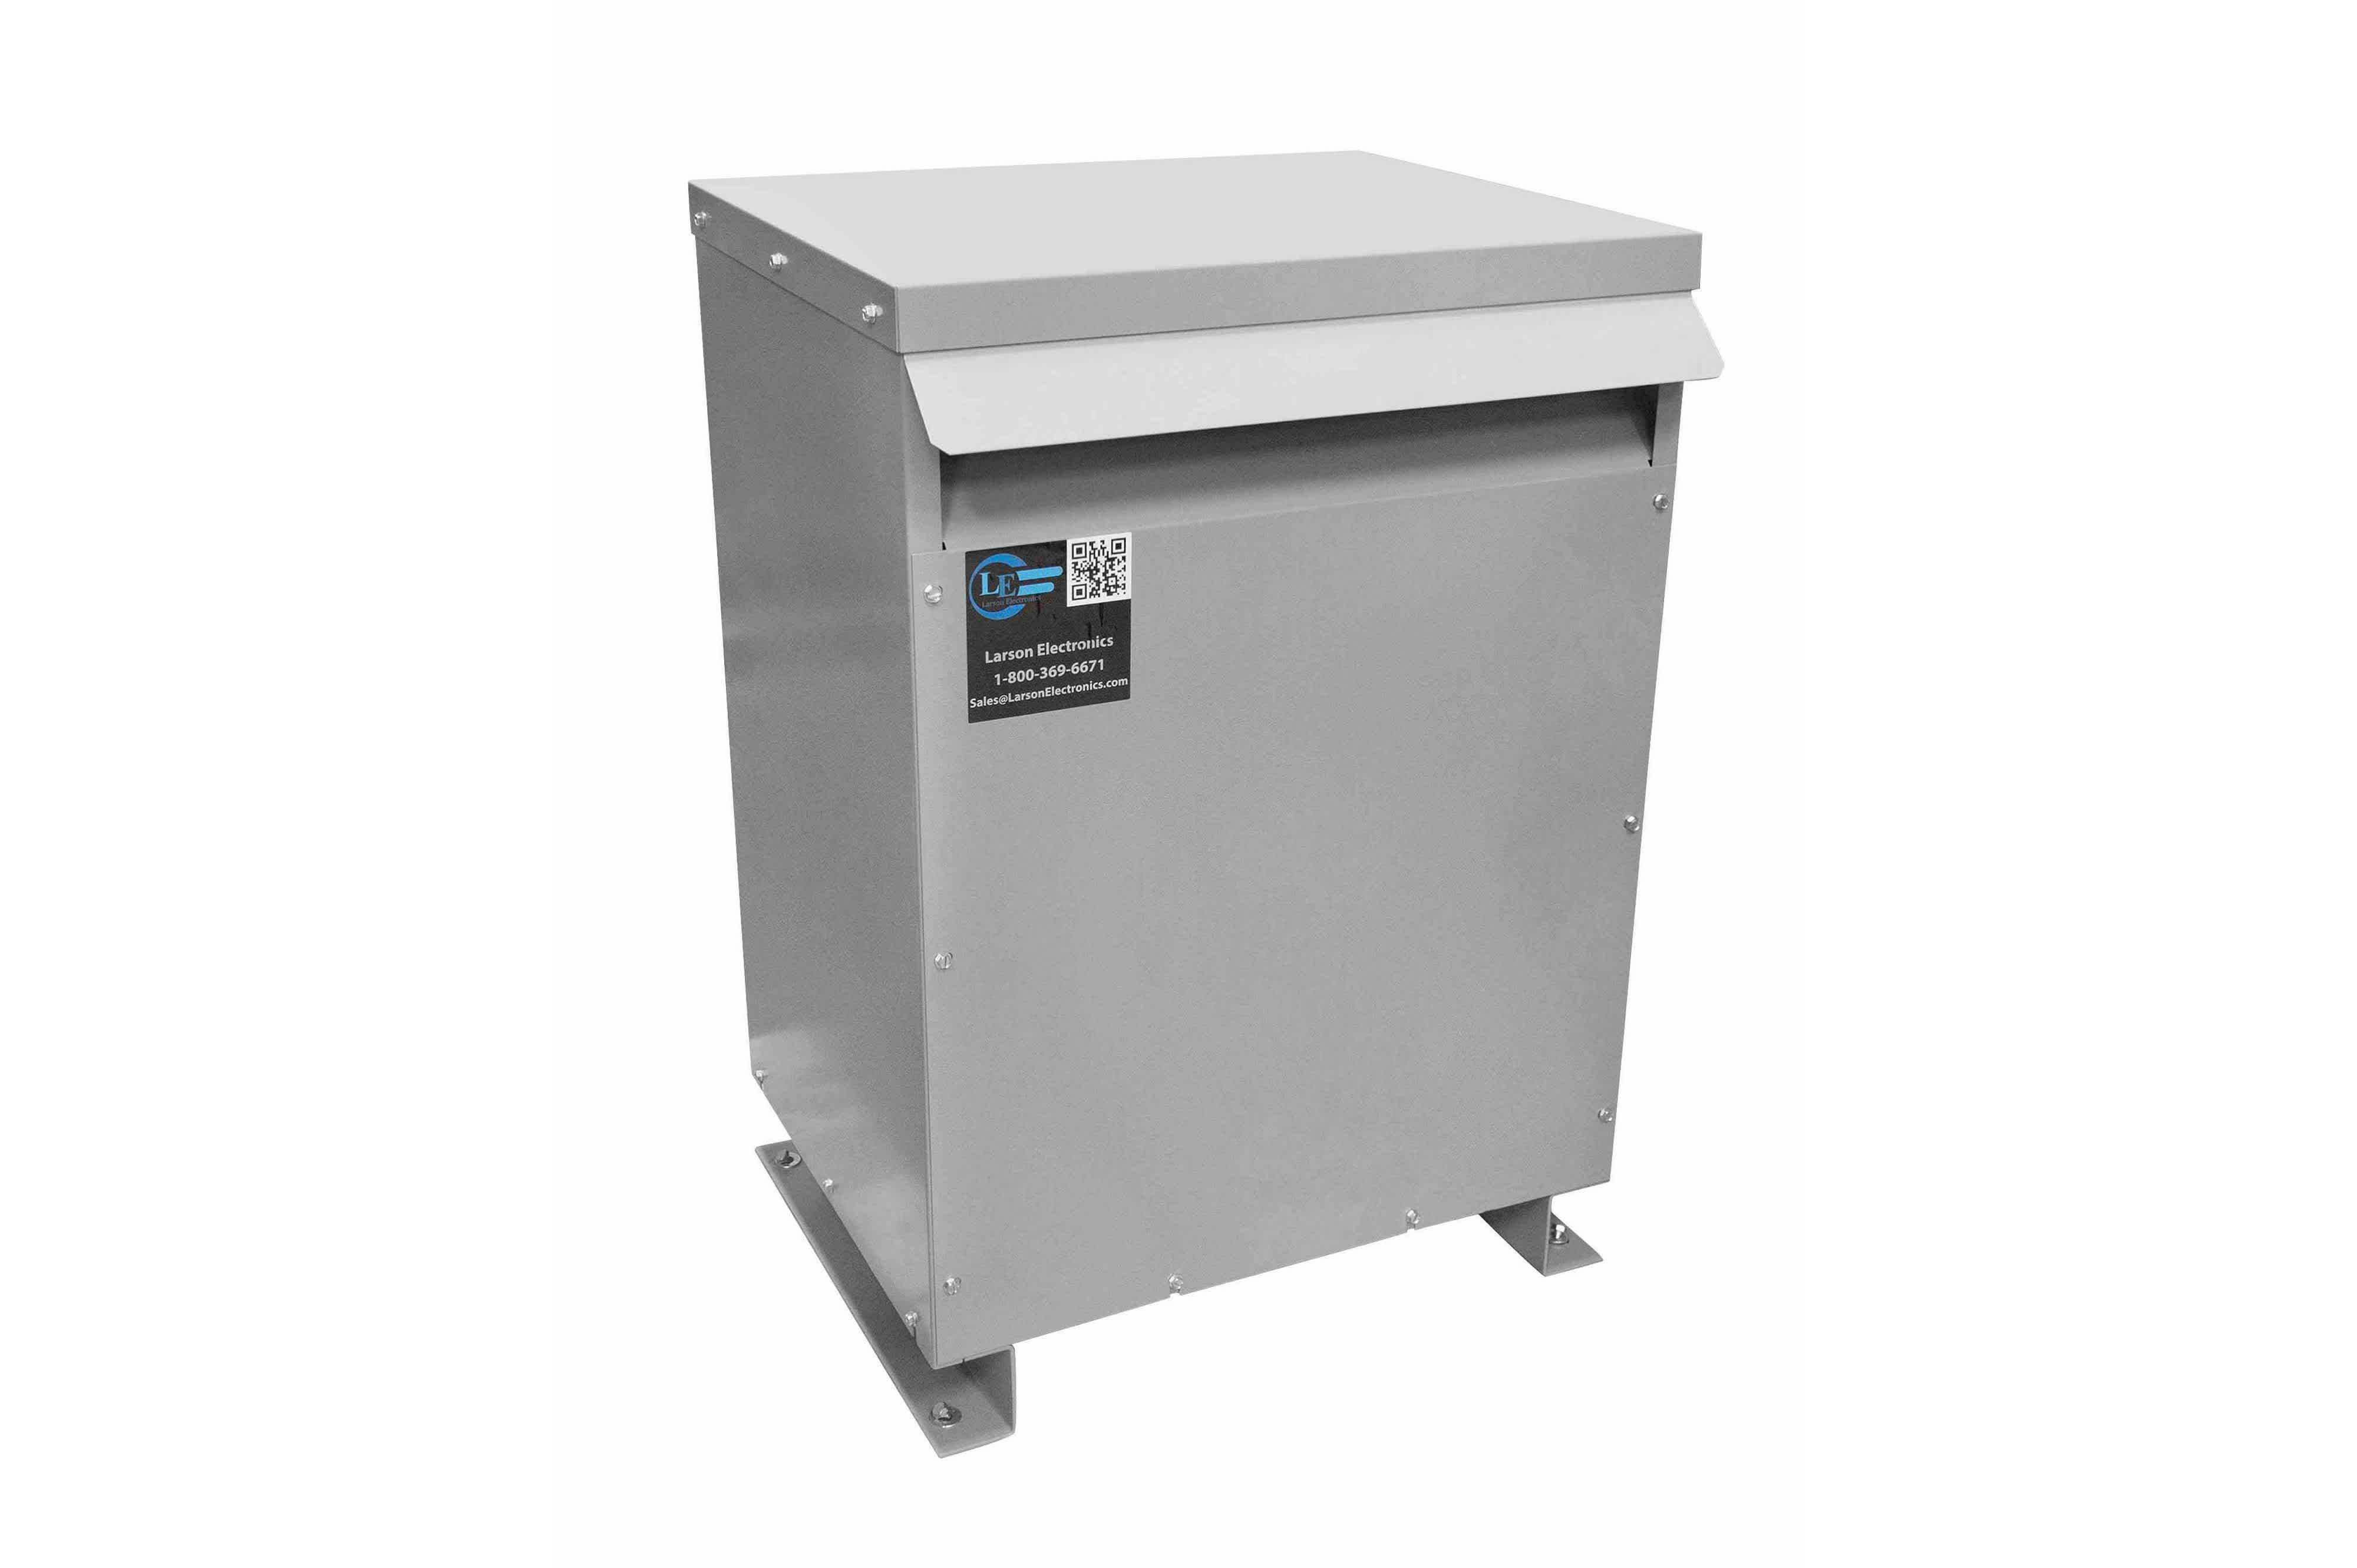 750 kVA 3PH Isolation Transformer, 600V Delta Primary, 240 Delta Secondary, N3R, Ventilated, 60 Hz